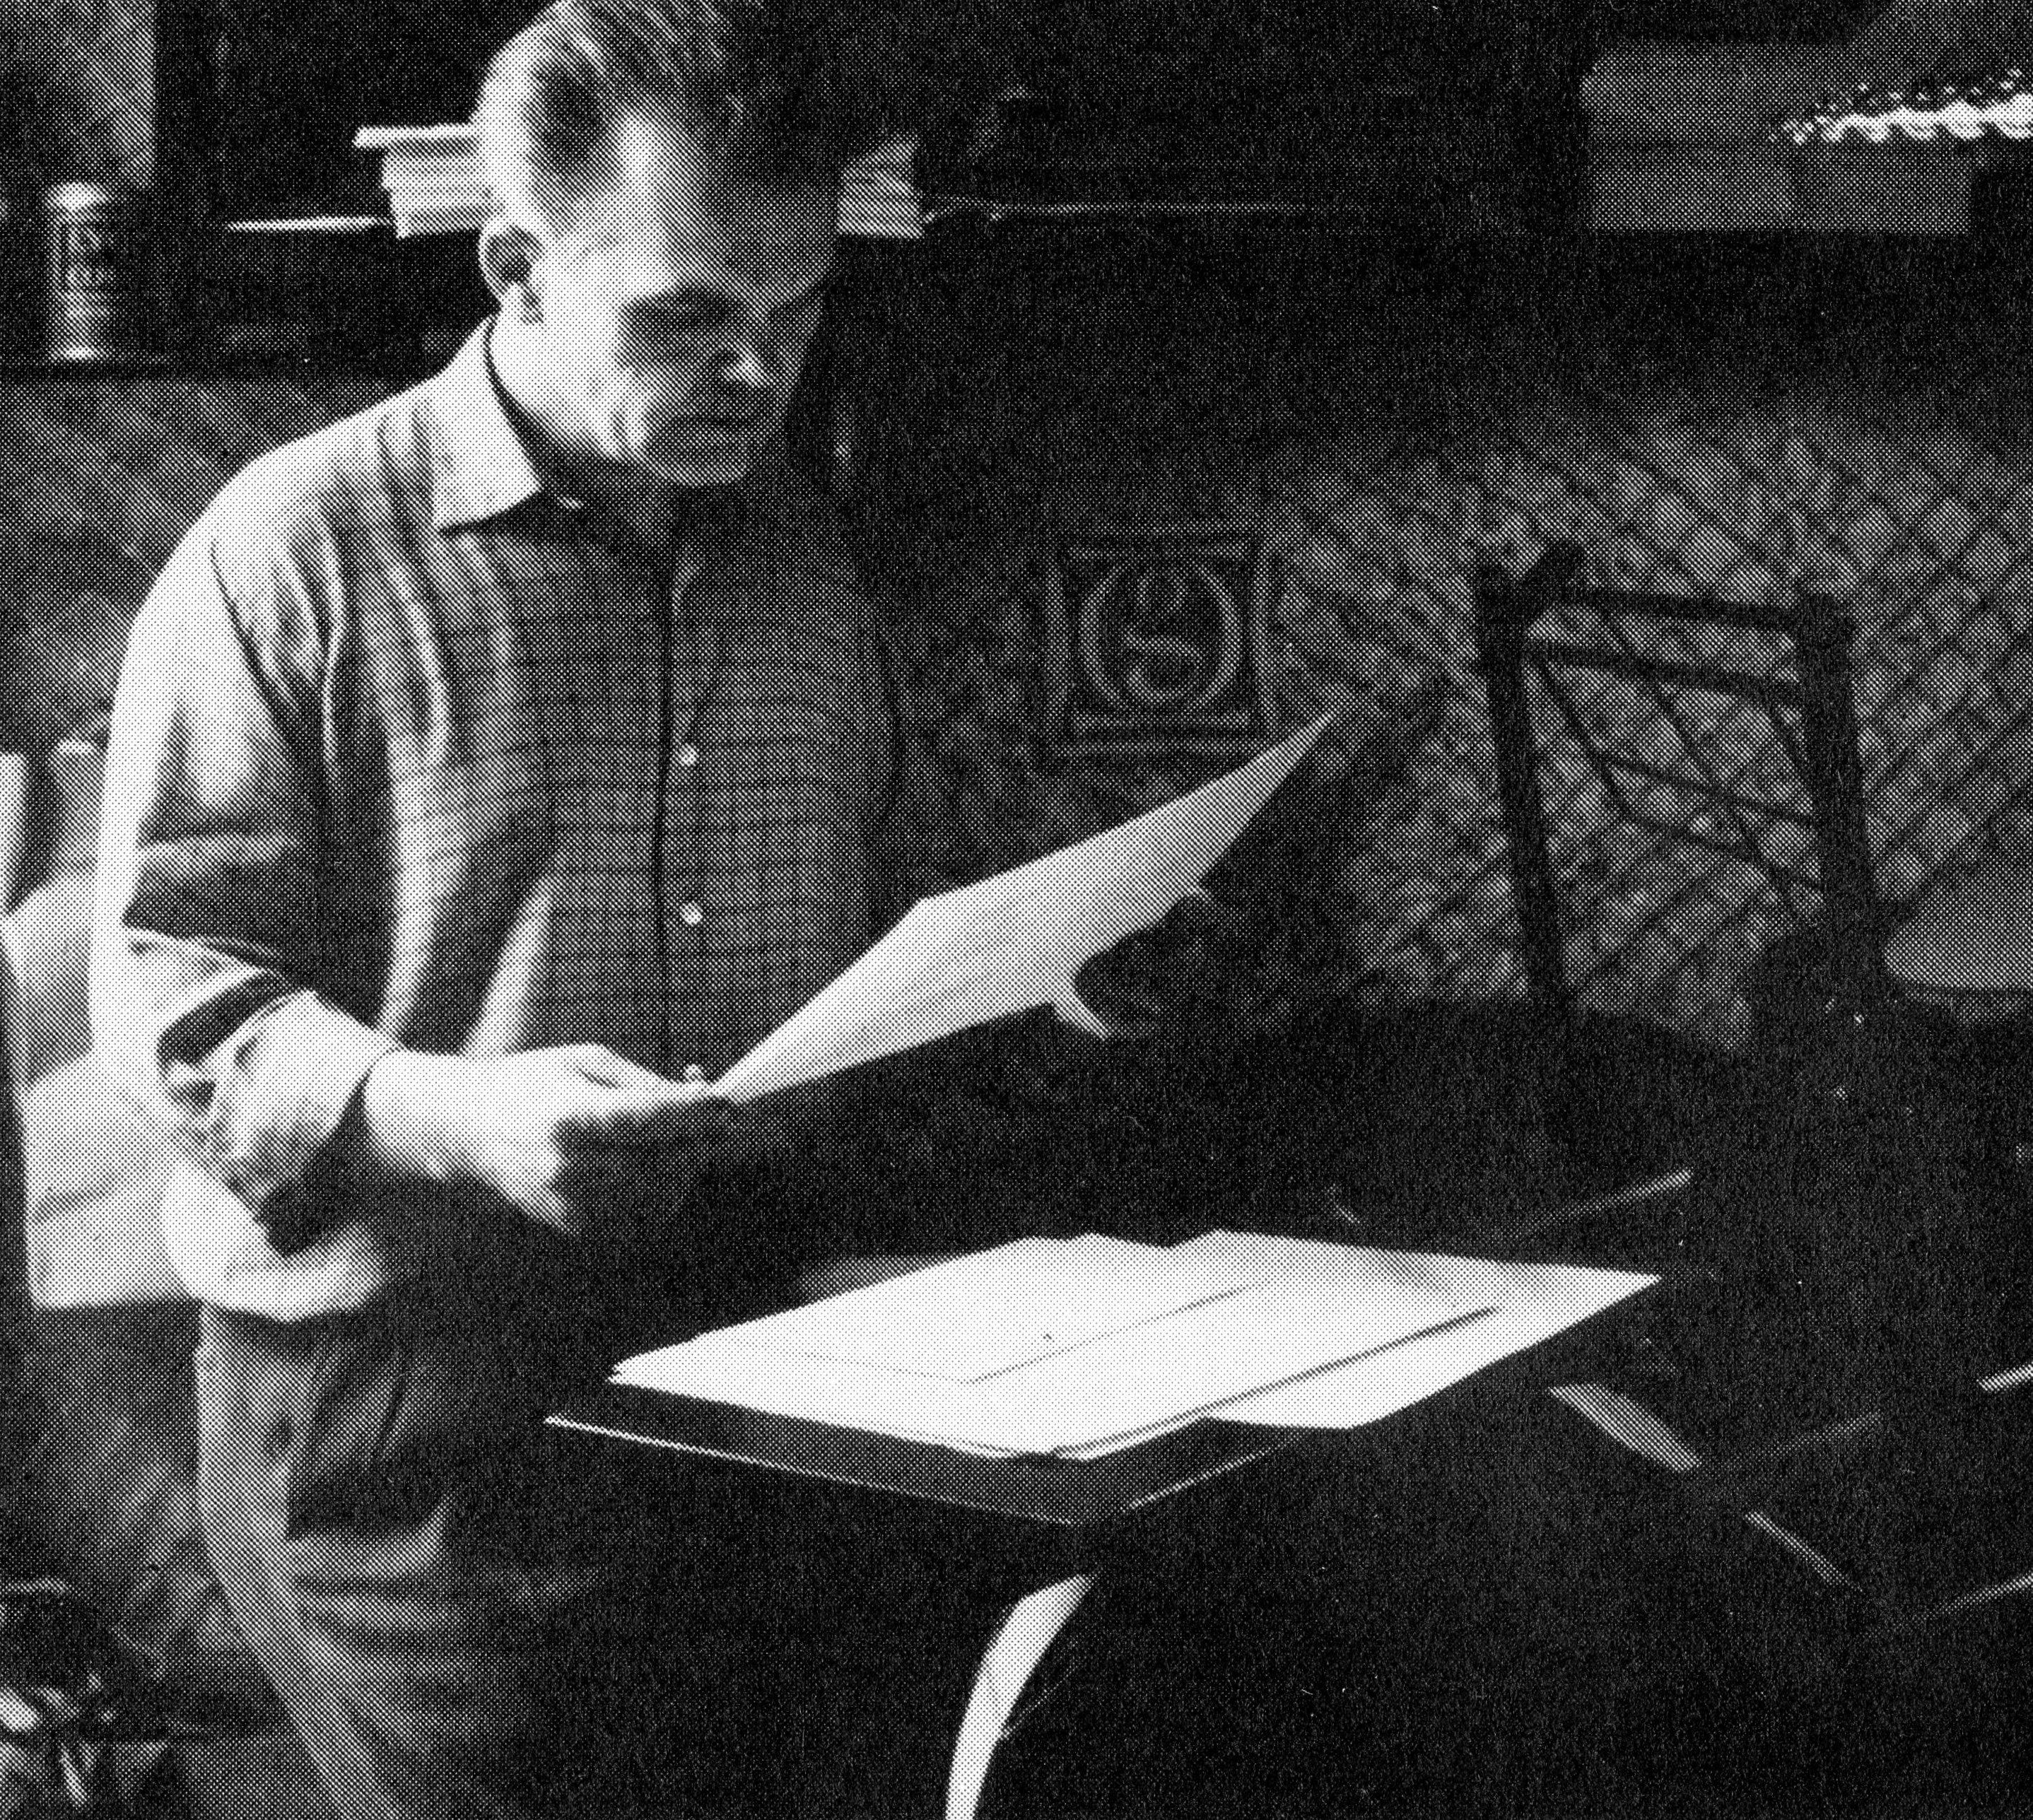 """<div class='inner-box'><div class='close-desc'></div><span class='opis'>Stanisław Gliwa w swojej pracowni. Southend-on-Sea, ok 1960 r. Fotografia pochodzi z książki Mai Elżbiety Cybulskiej """"Rozmowy ze Stanisławem Gliwą"""". Wyd Polska Fundacja Kulturalna, Londyn 1990 r.</span><div class='clearfix'></div><span>Archive ref. sm00209</span><div class='clearfix'></div><span>© Instytut Literacki</span></div>"""